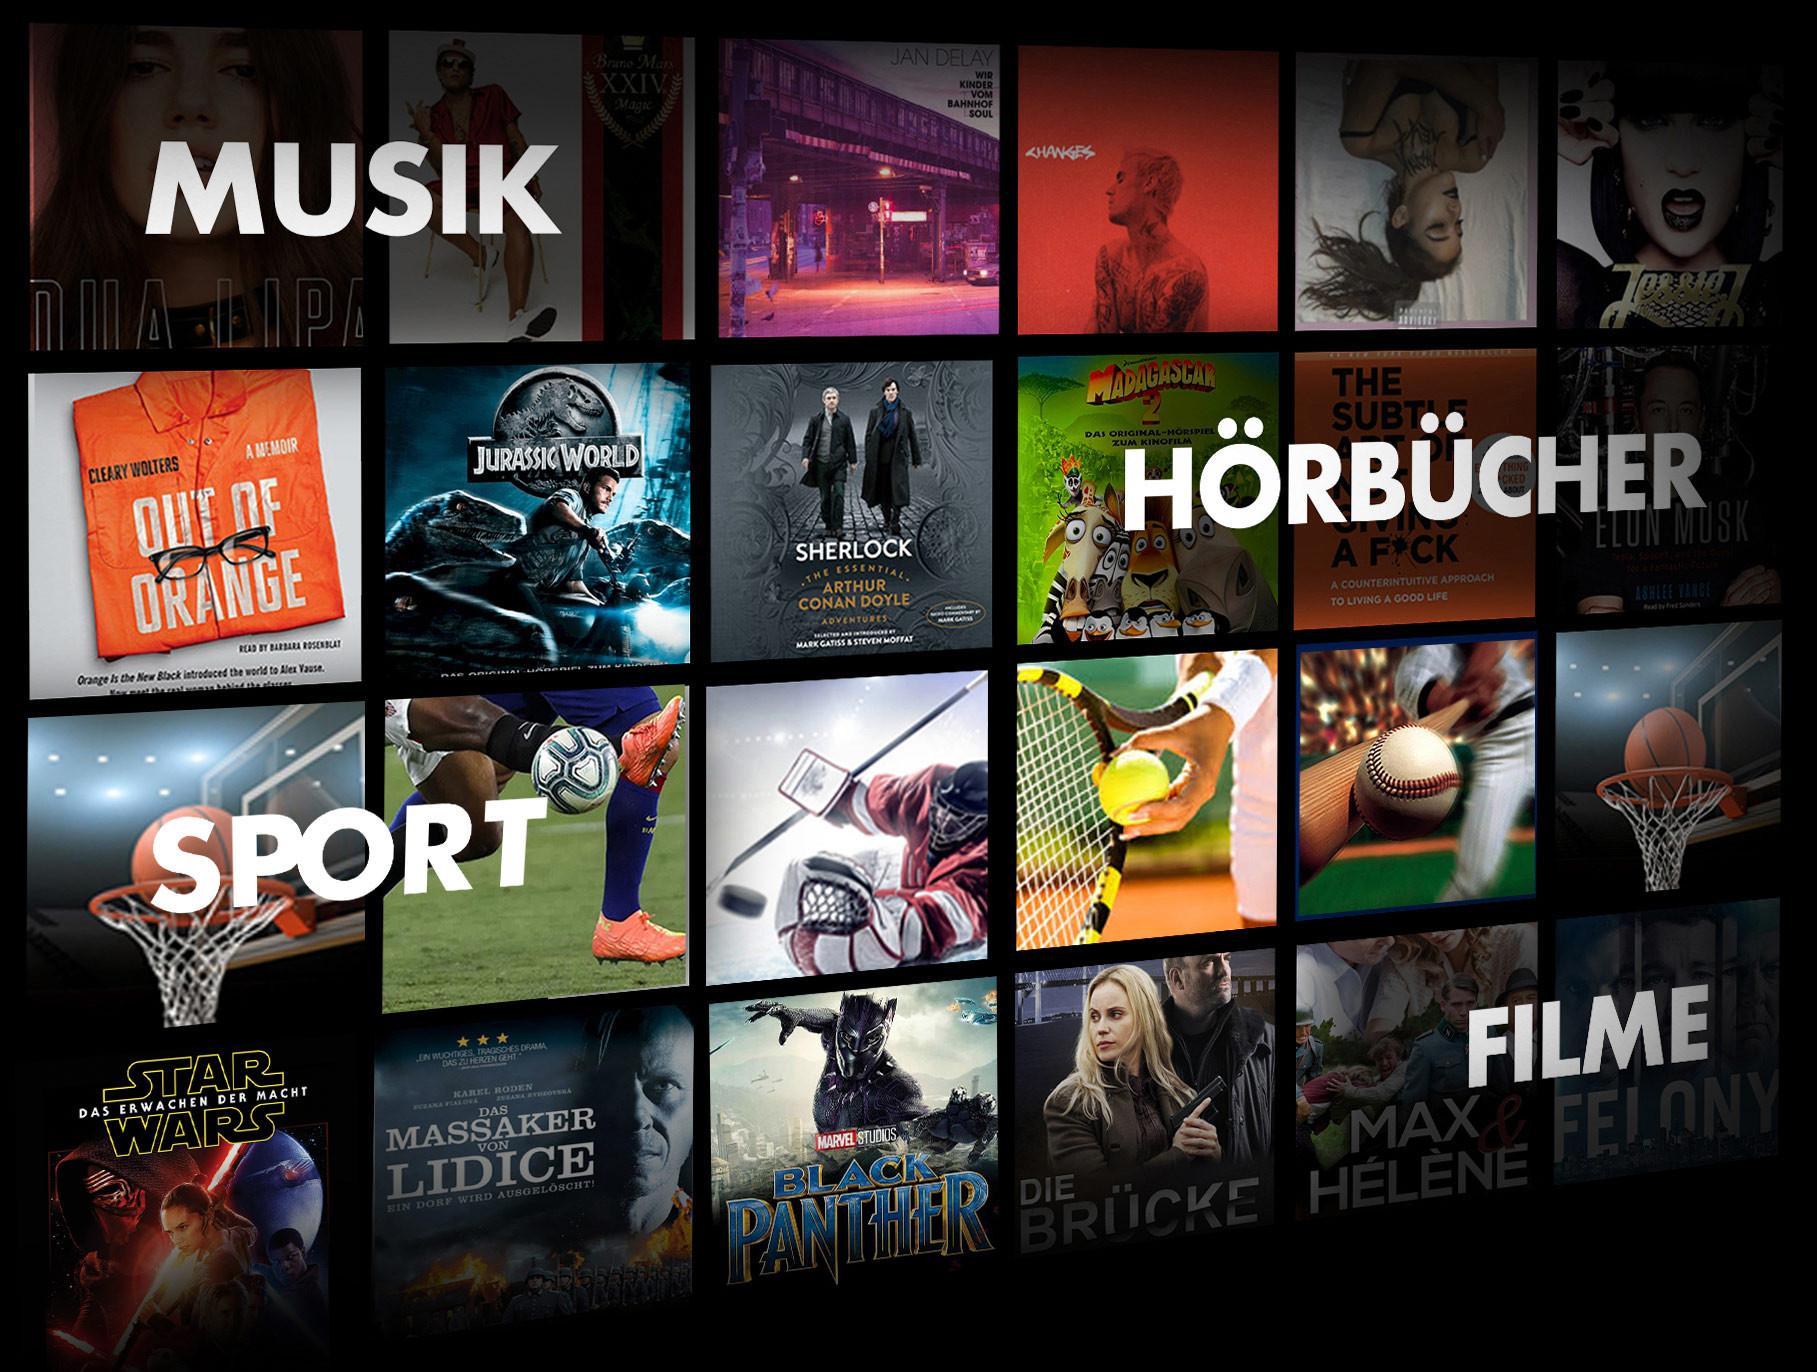 1 mes gratis de CLIQ (streaming todo en uno: juegos [Utomik], música, películas, audiolibros y deportes)